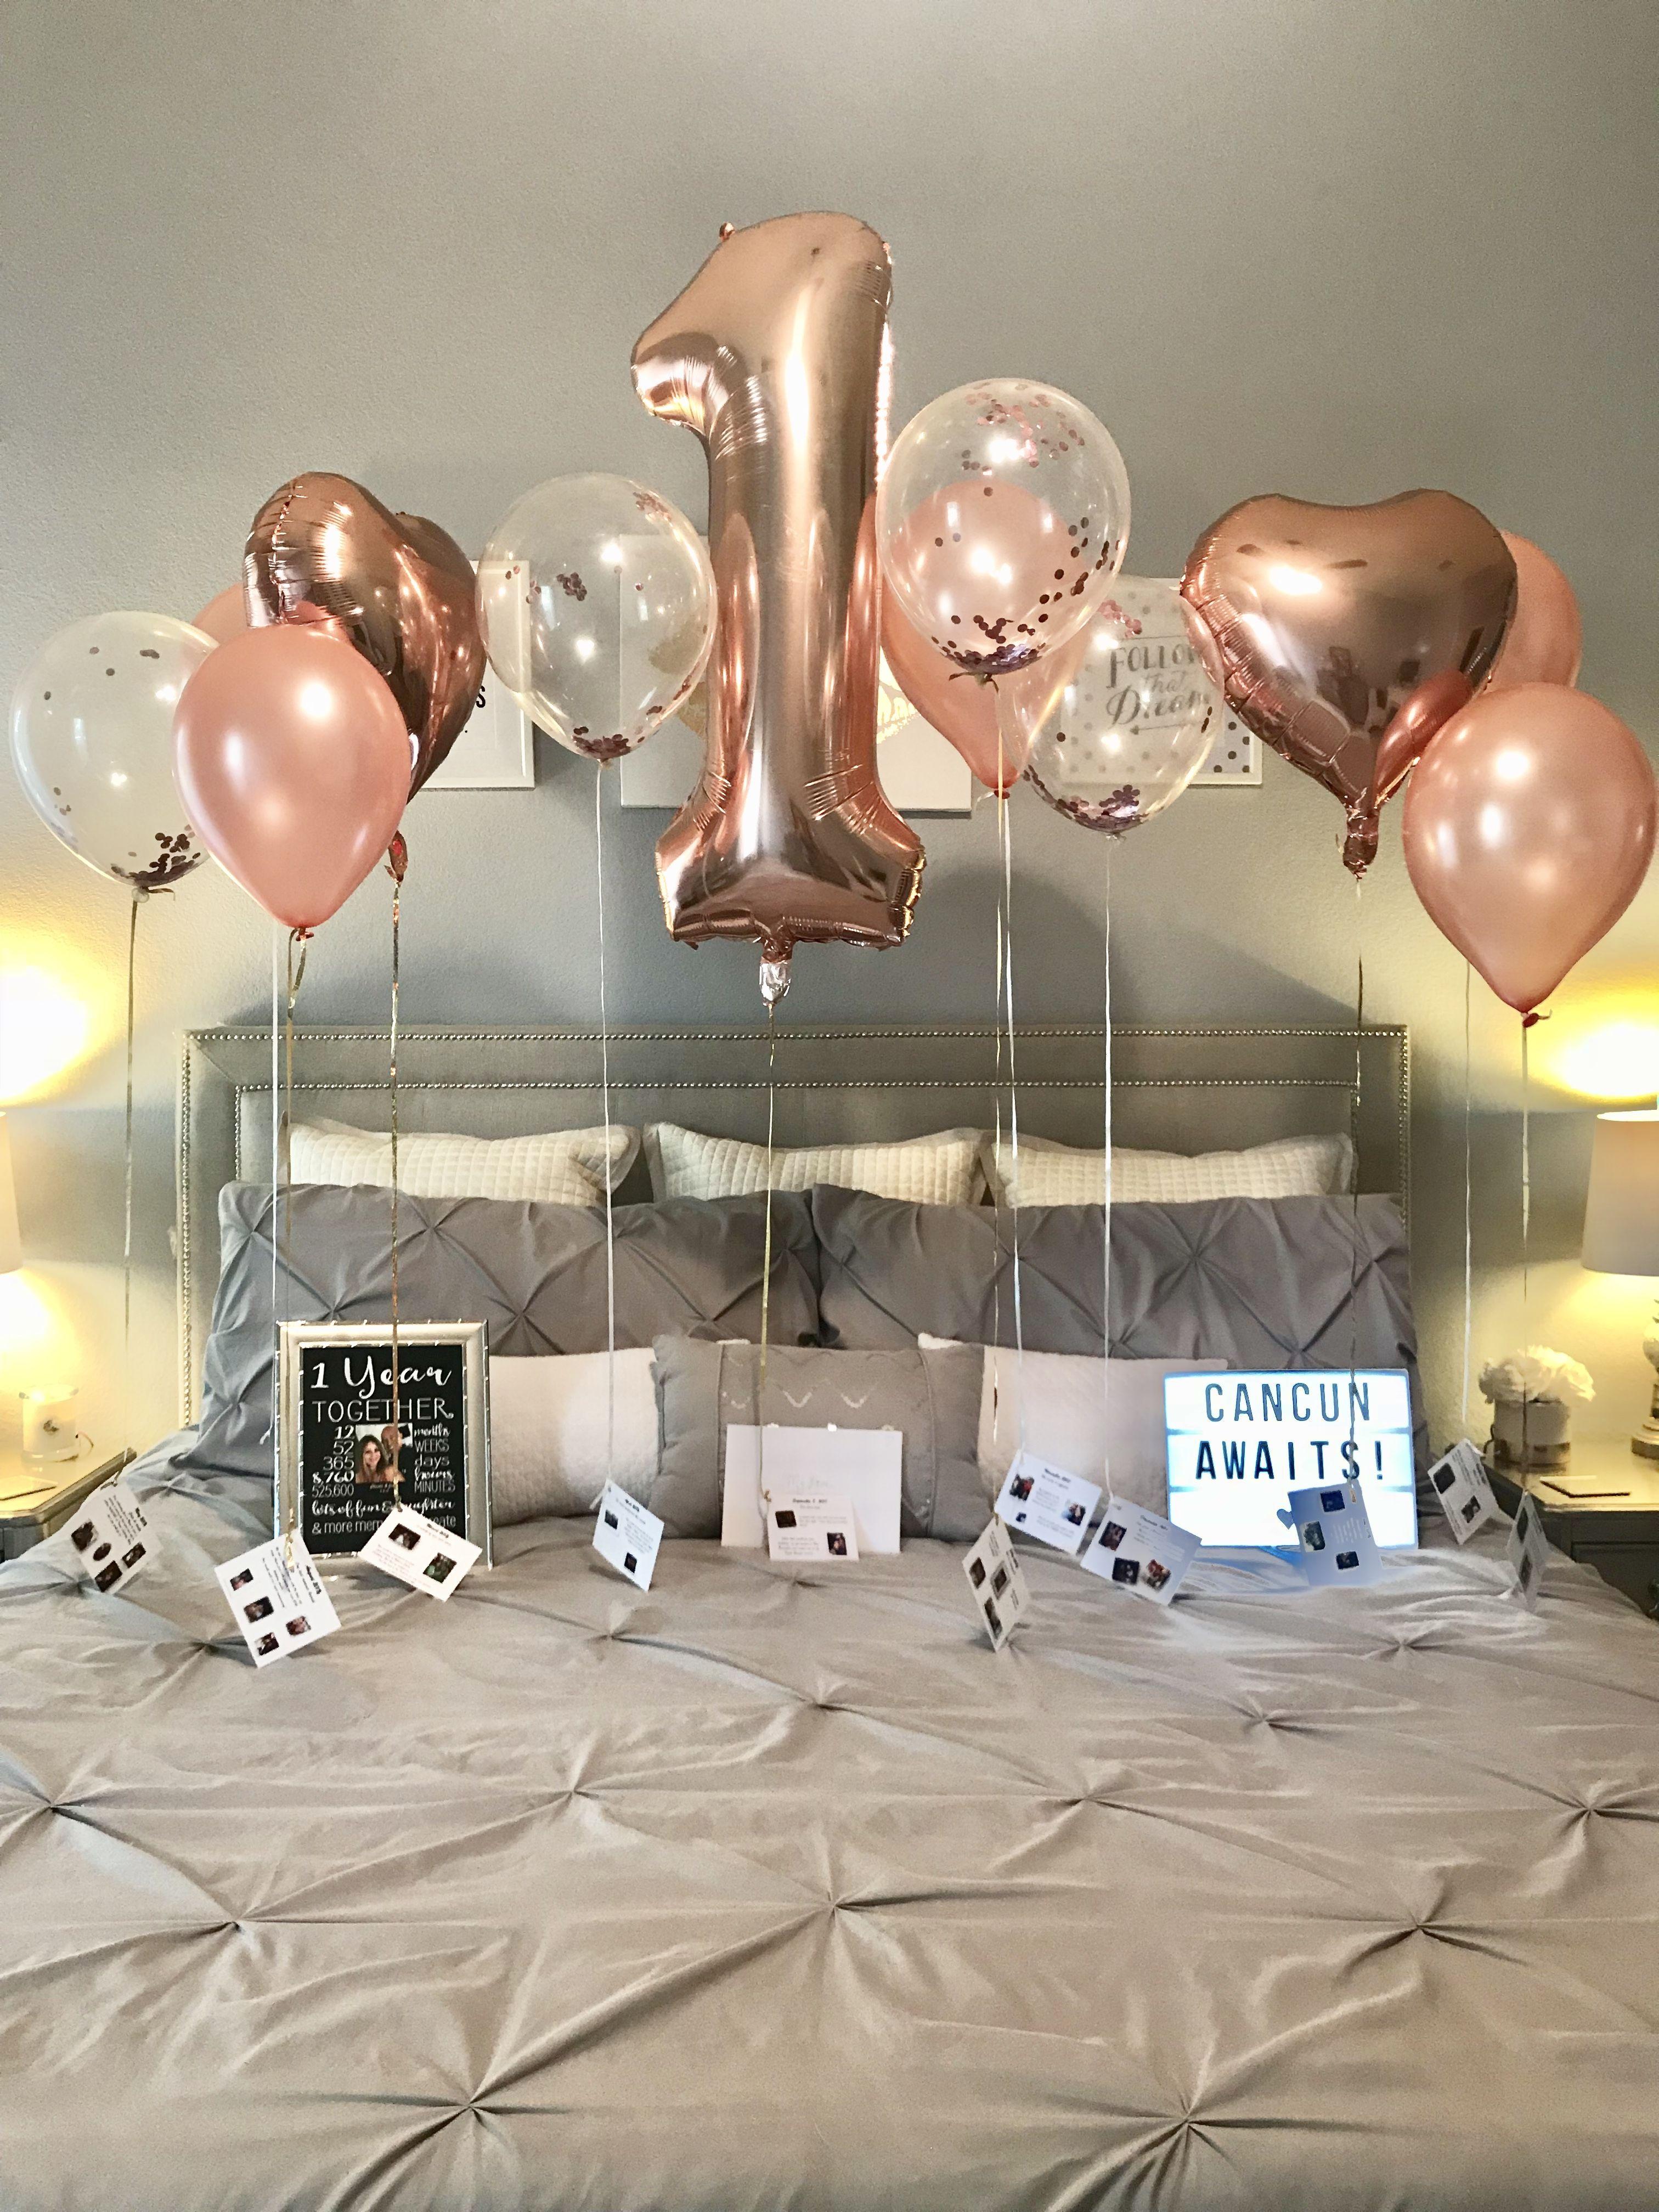 1 Year Anniversary Anniversary Decorations Boyfriend Anniversary Gifts First Wedding Anniversary